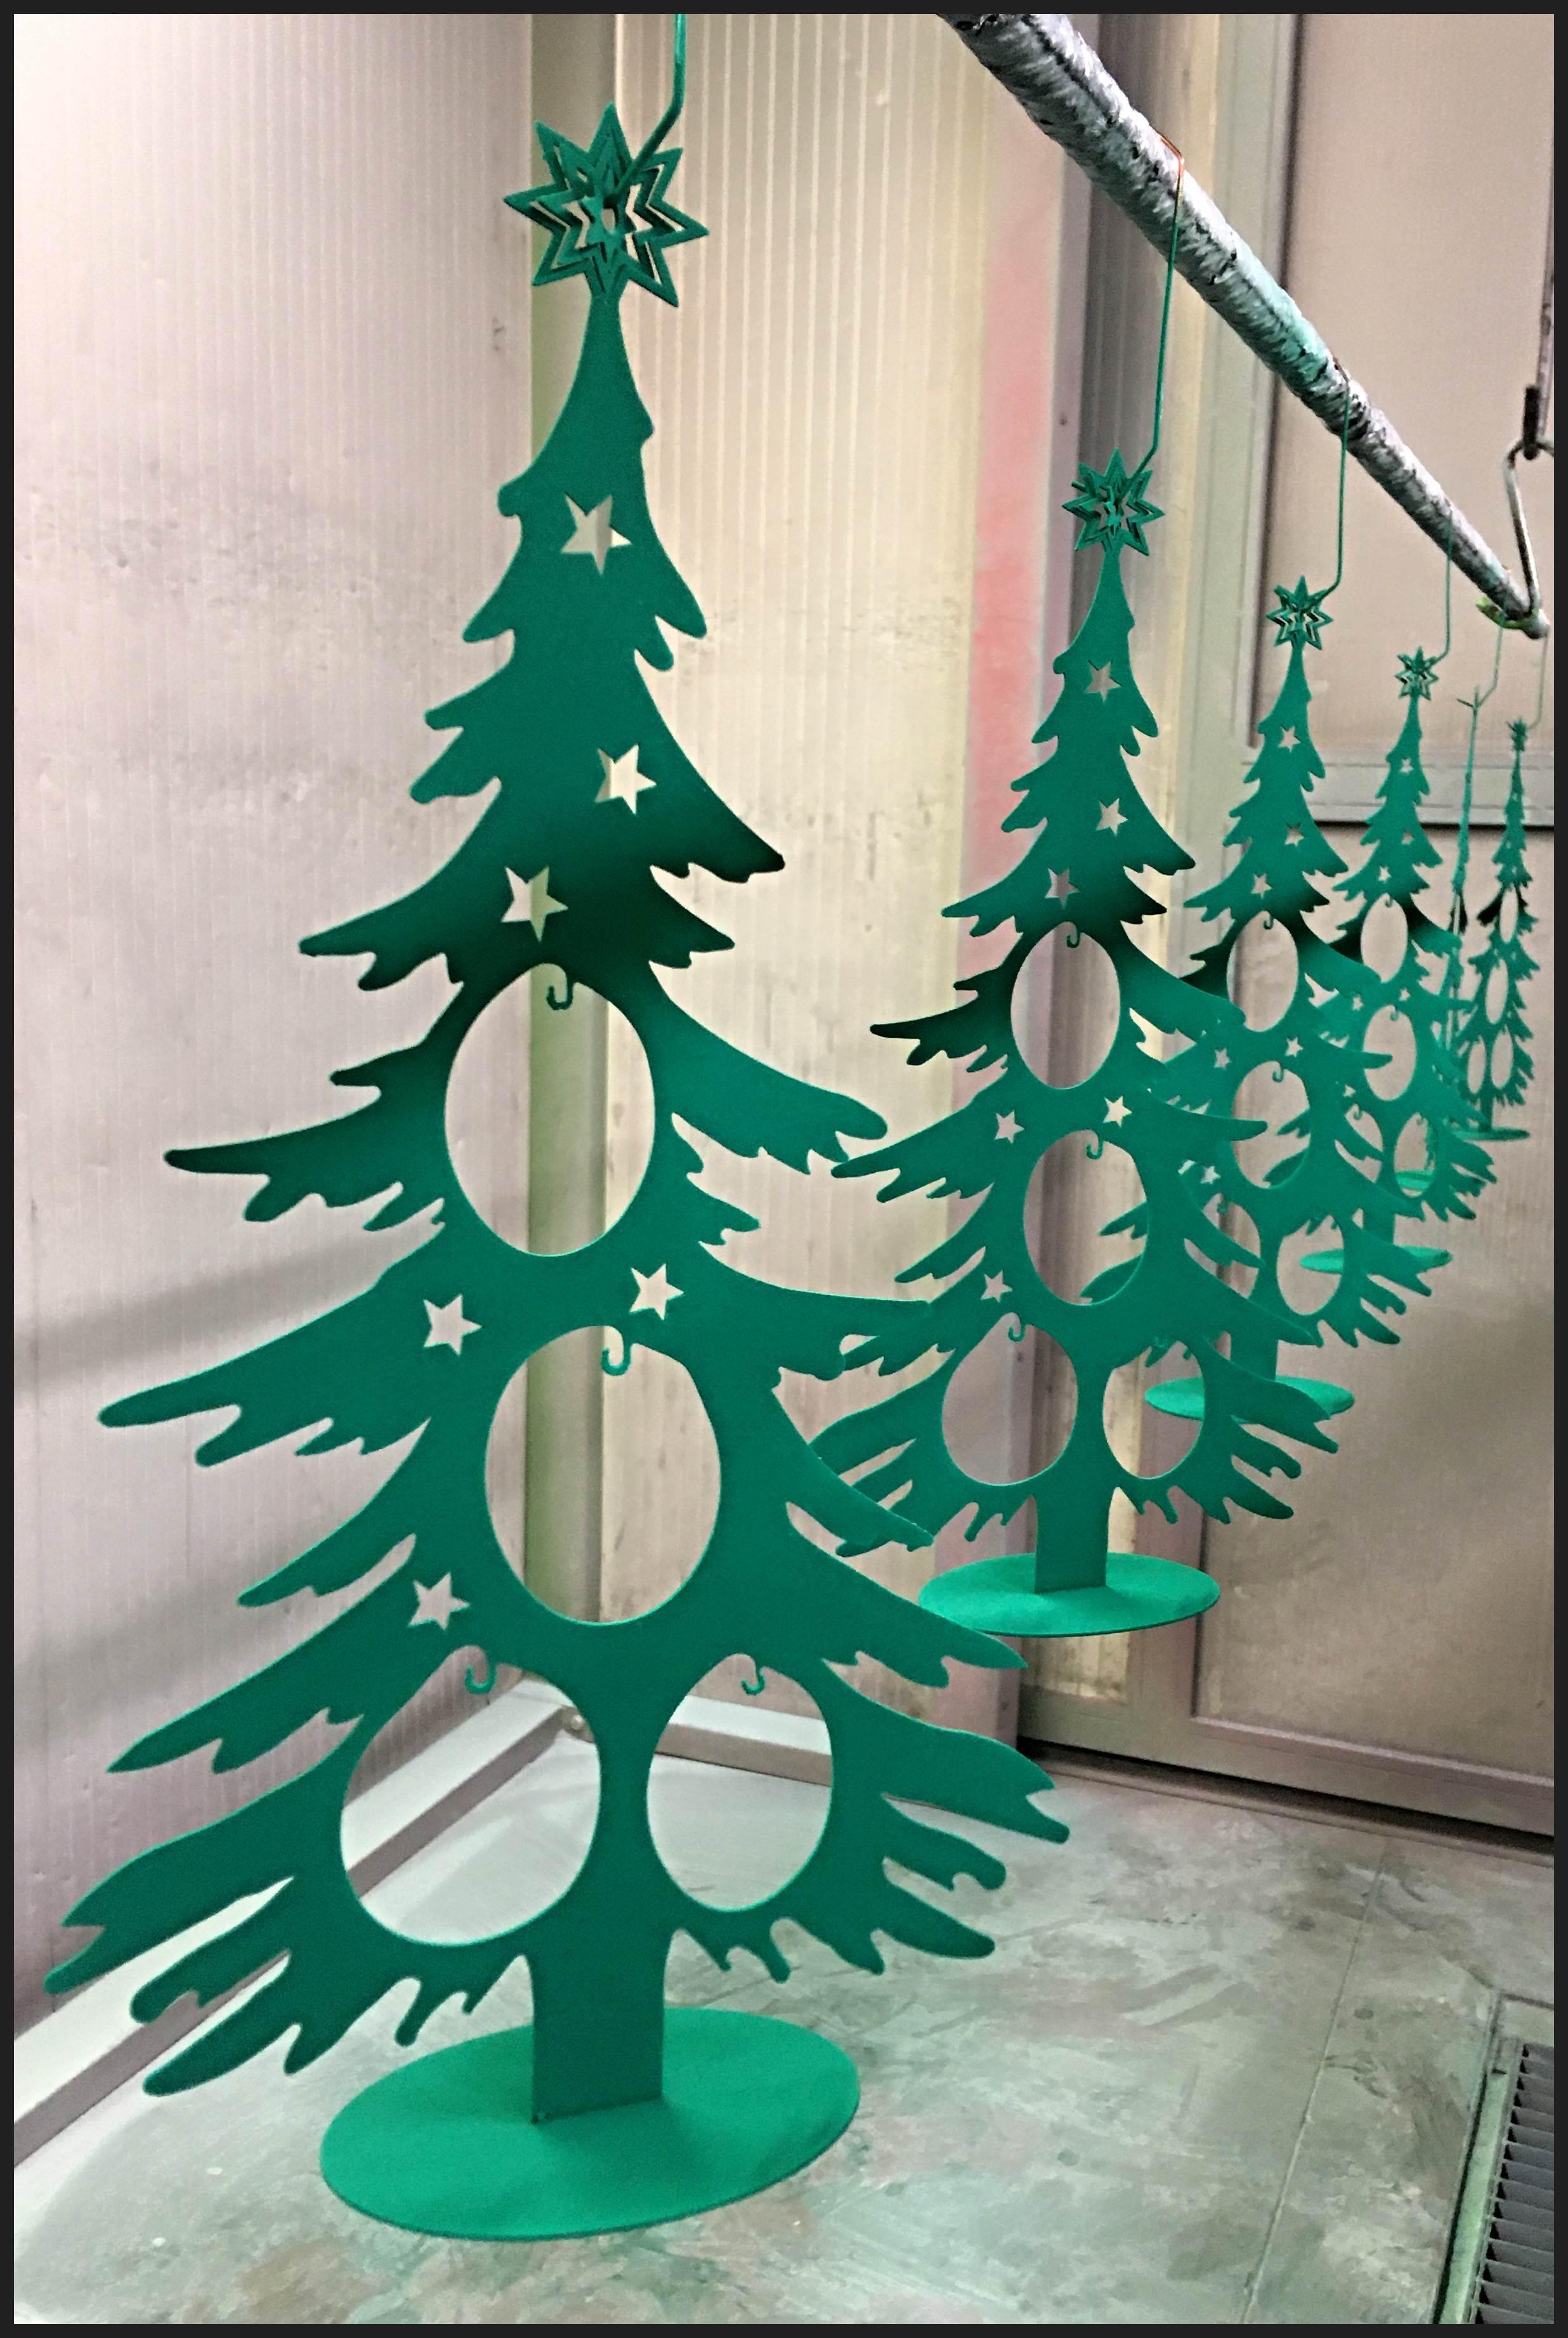 Vánoce přicházejí : o)